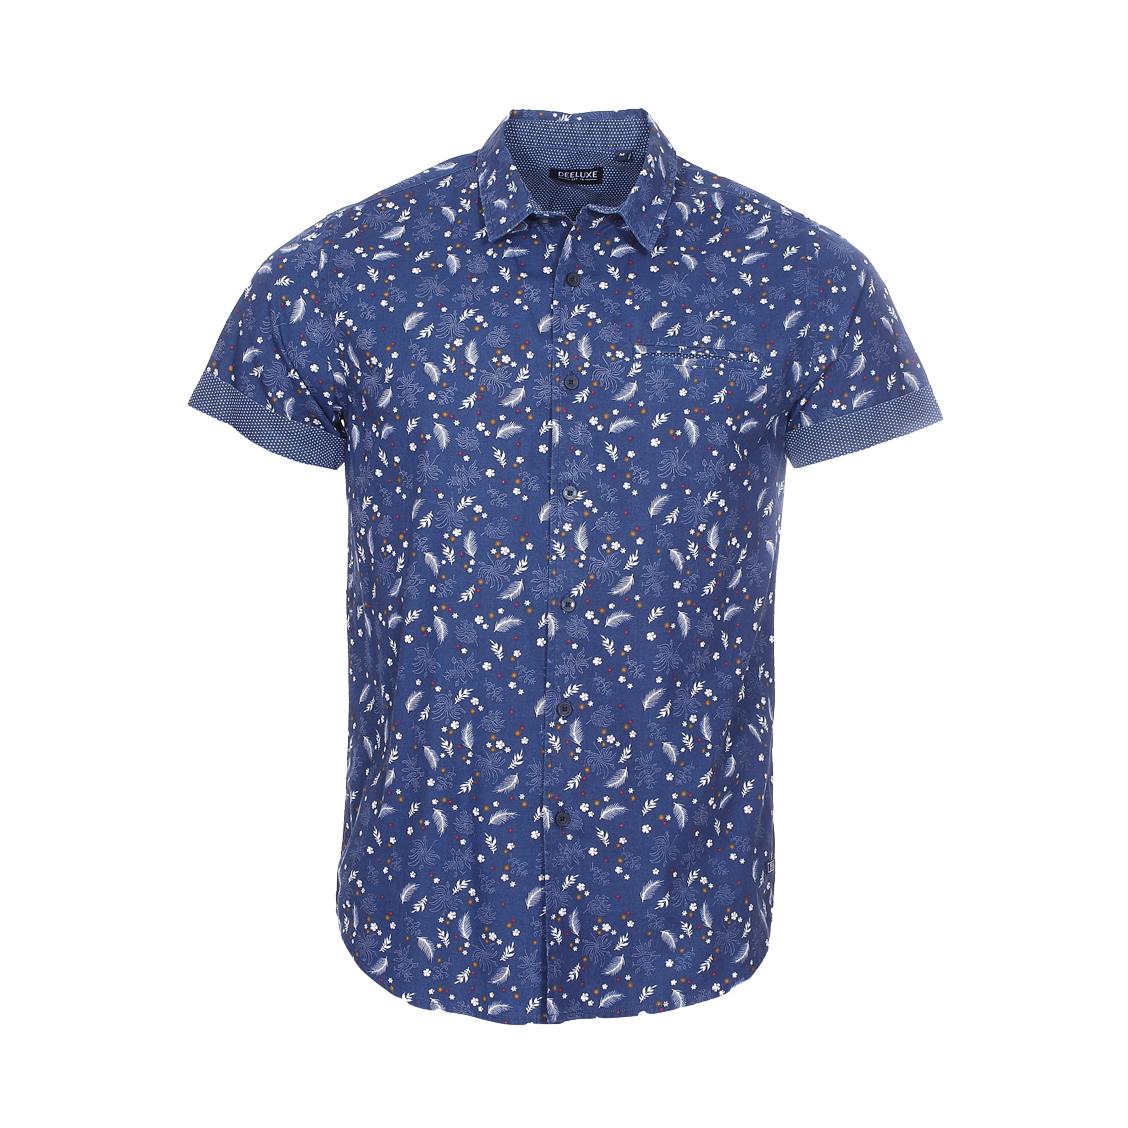 Chemise ajustée manches courtes  botanic en coton bleu marine à motifs floraux blancs, marron et rouges